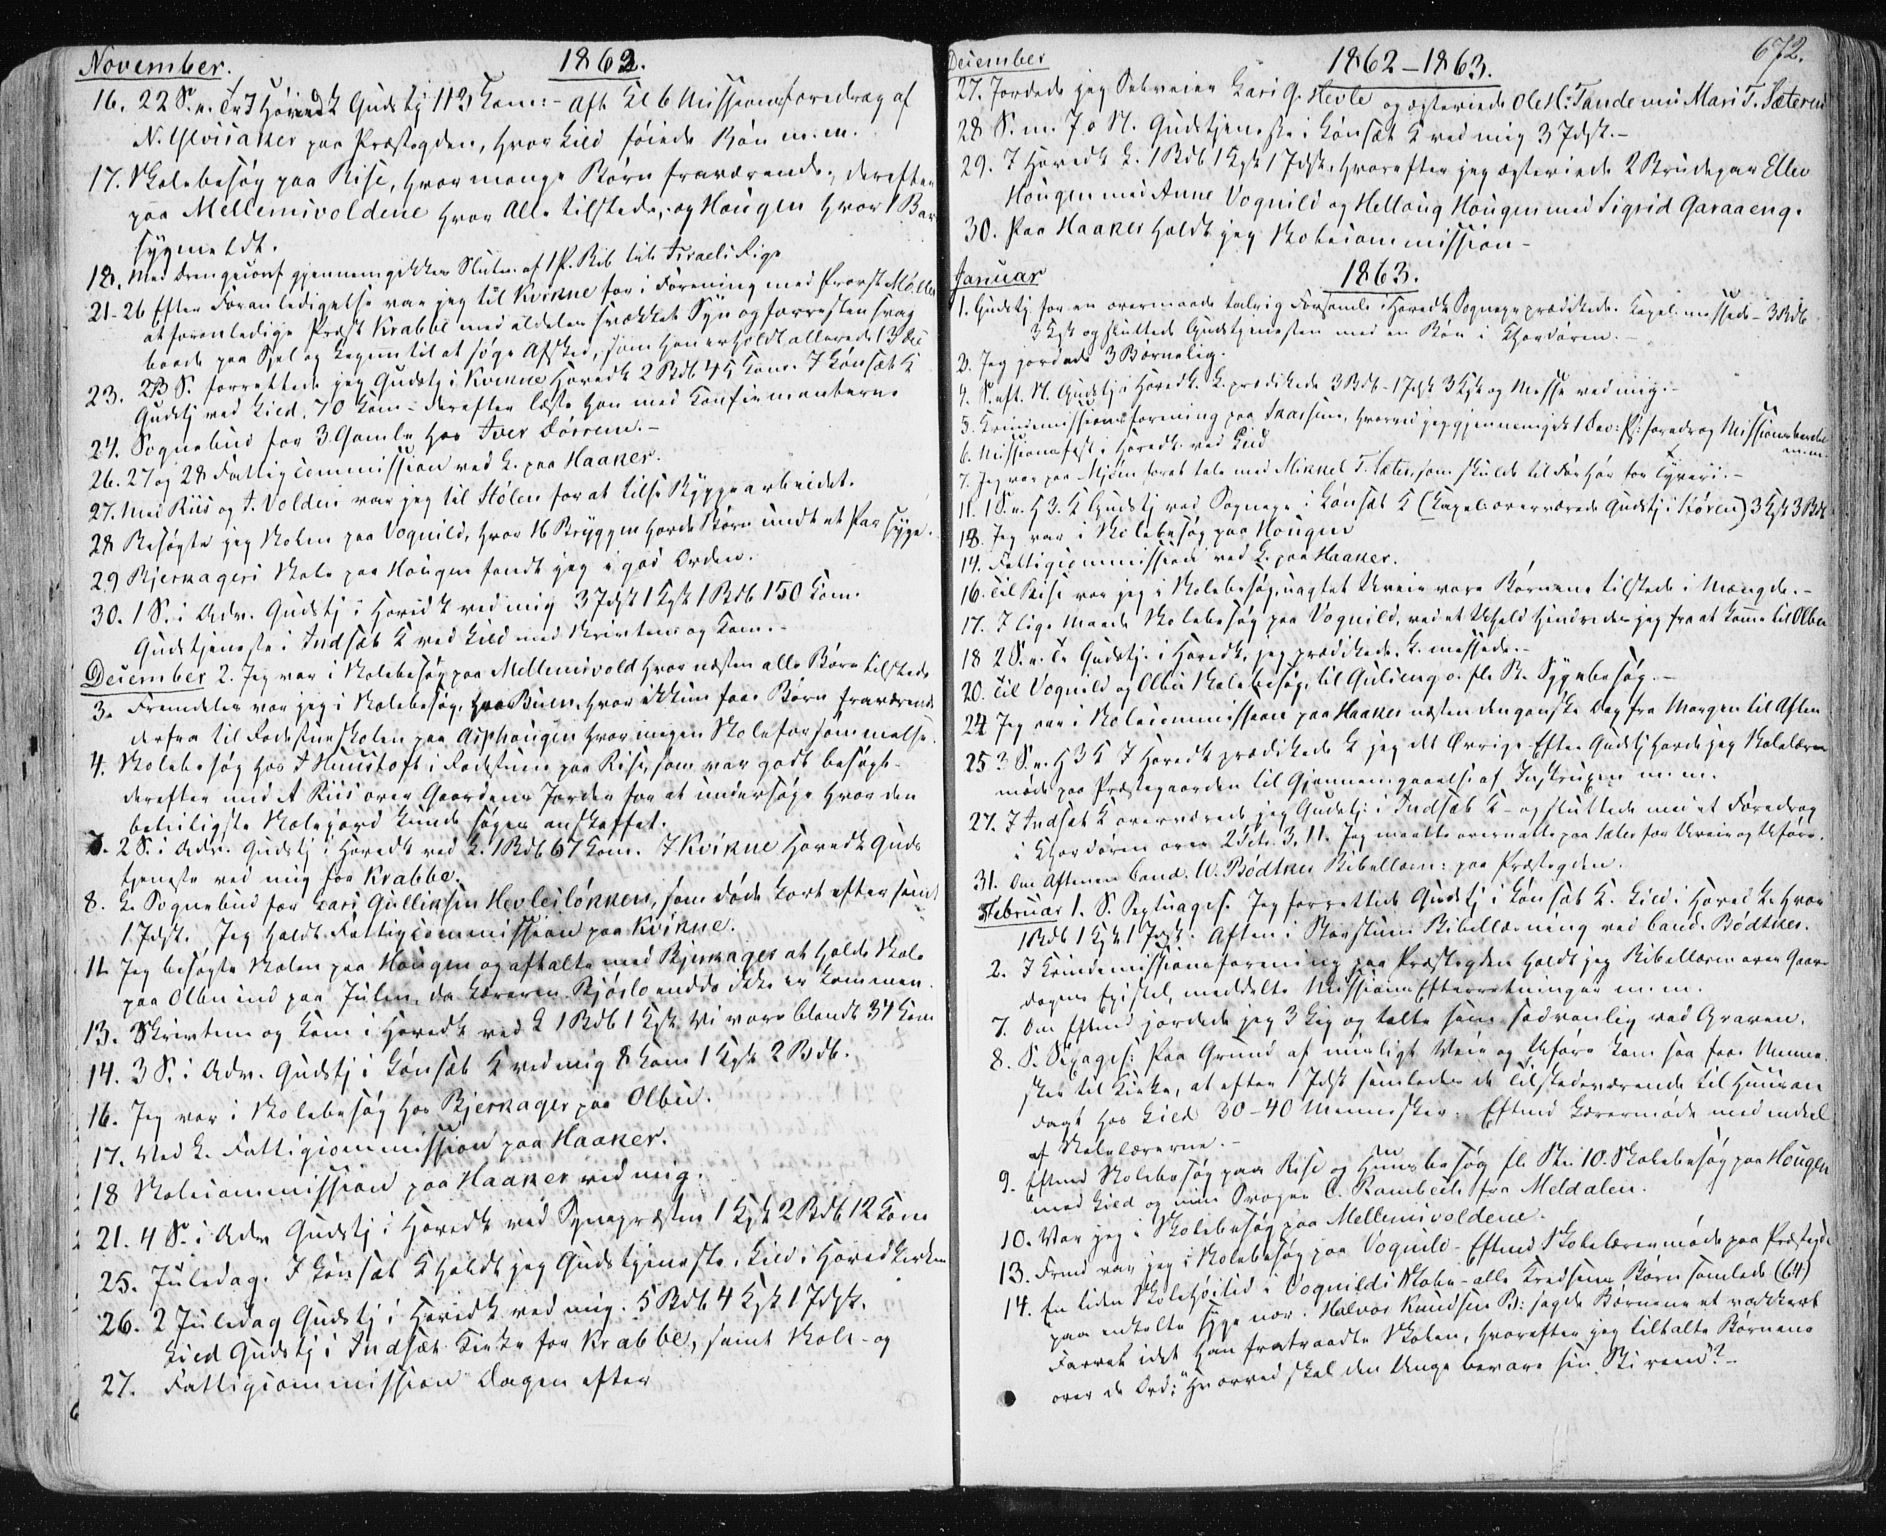 SAT, Ministerialprotokoller, klokkerbøker og fødselsregistre - Sør-Trøndelag, 678/L0899: Ministerialbok nr. 678A08, 1848-1872, s. 672